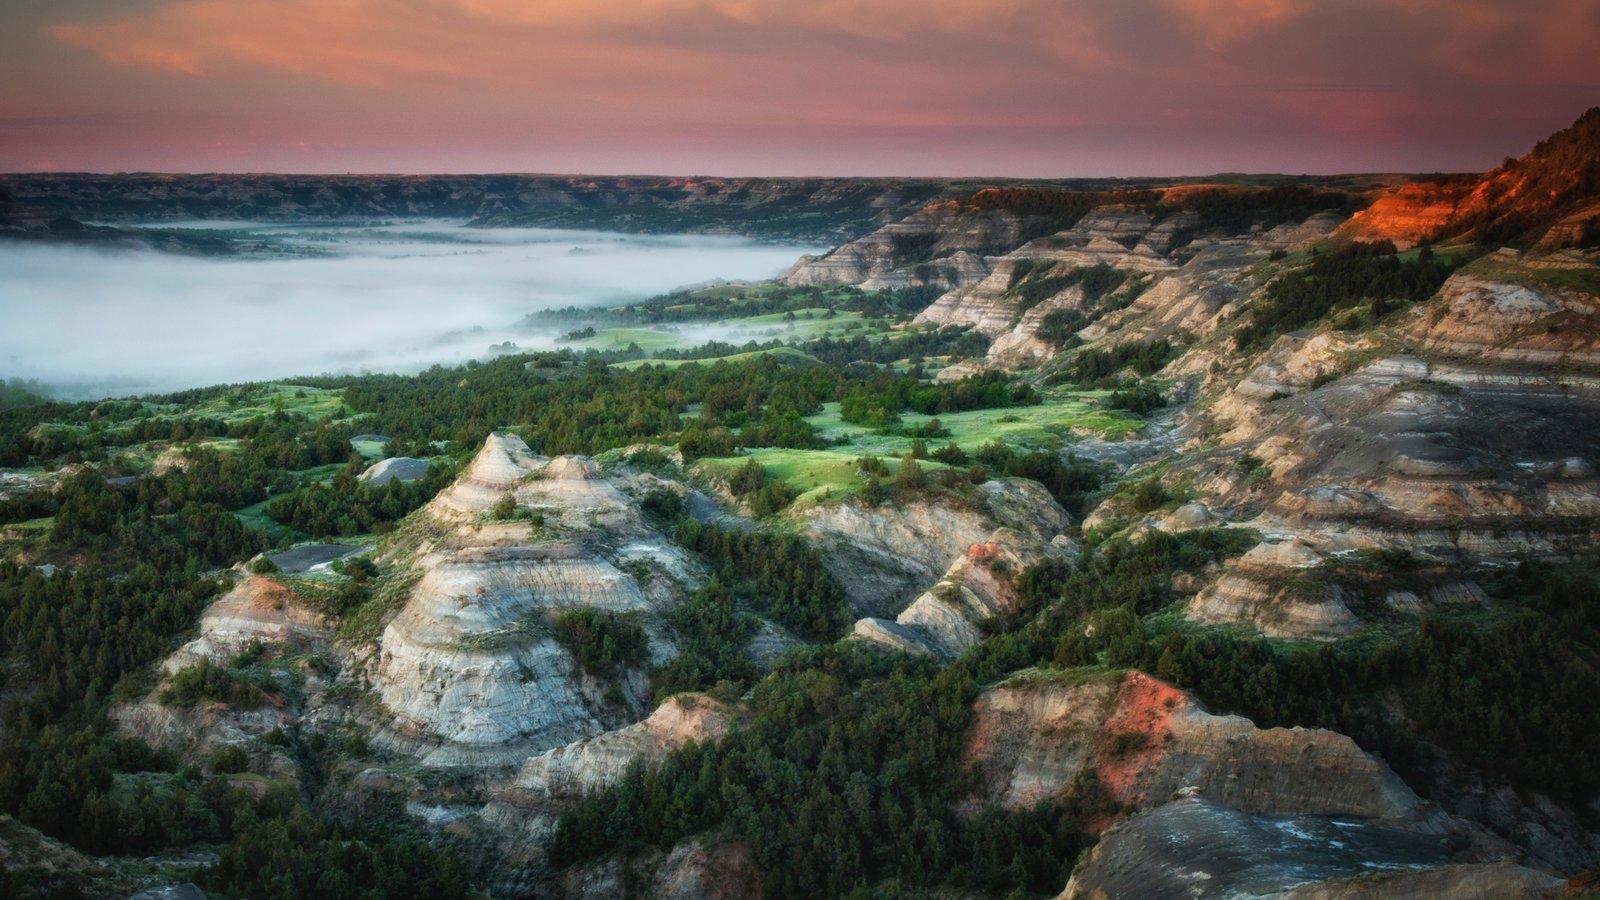 Parque Nacional de Theodore Roosevelt que inclui cenas tranquilas e paisagem